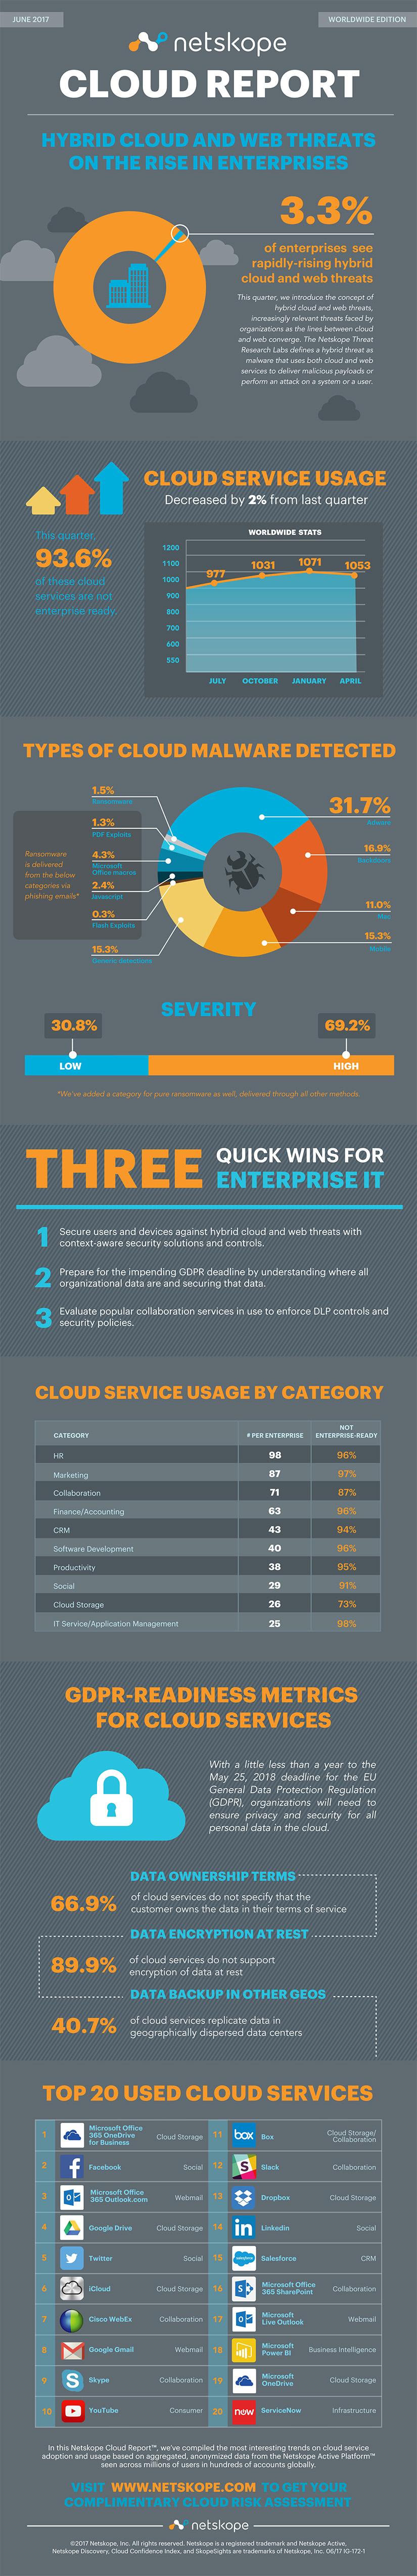 Netskope Cloud Report - June 2017 - Infographic